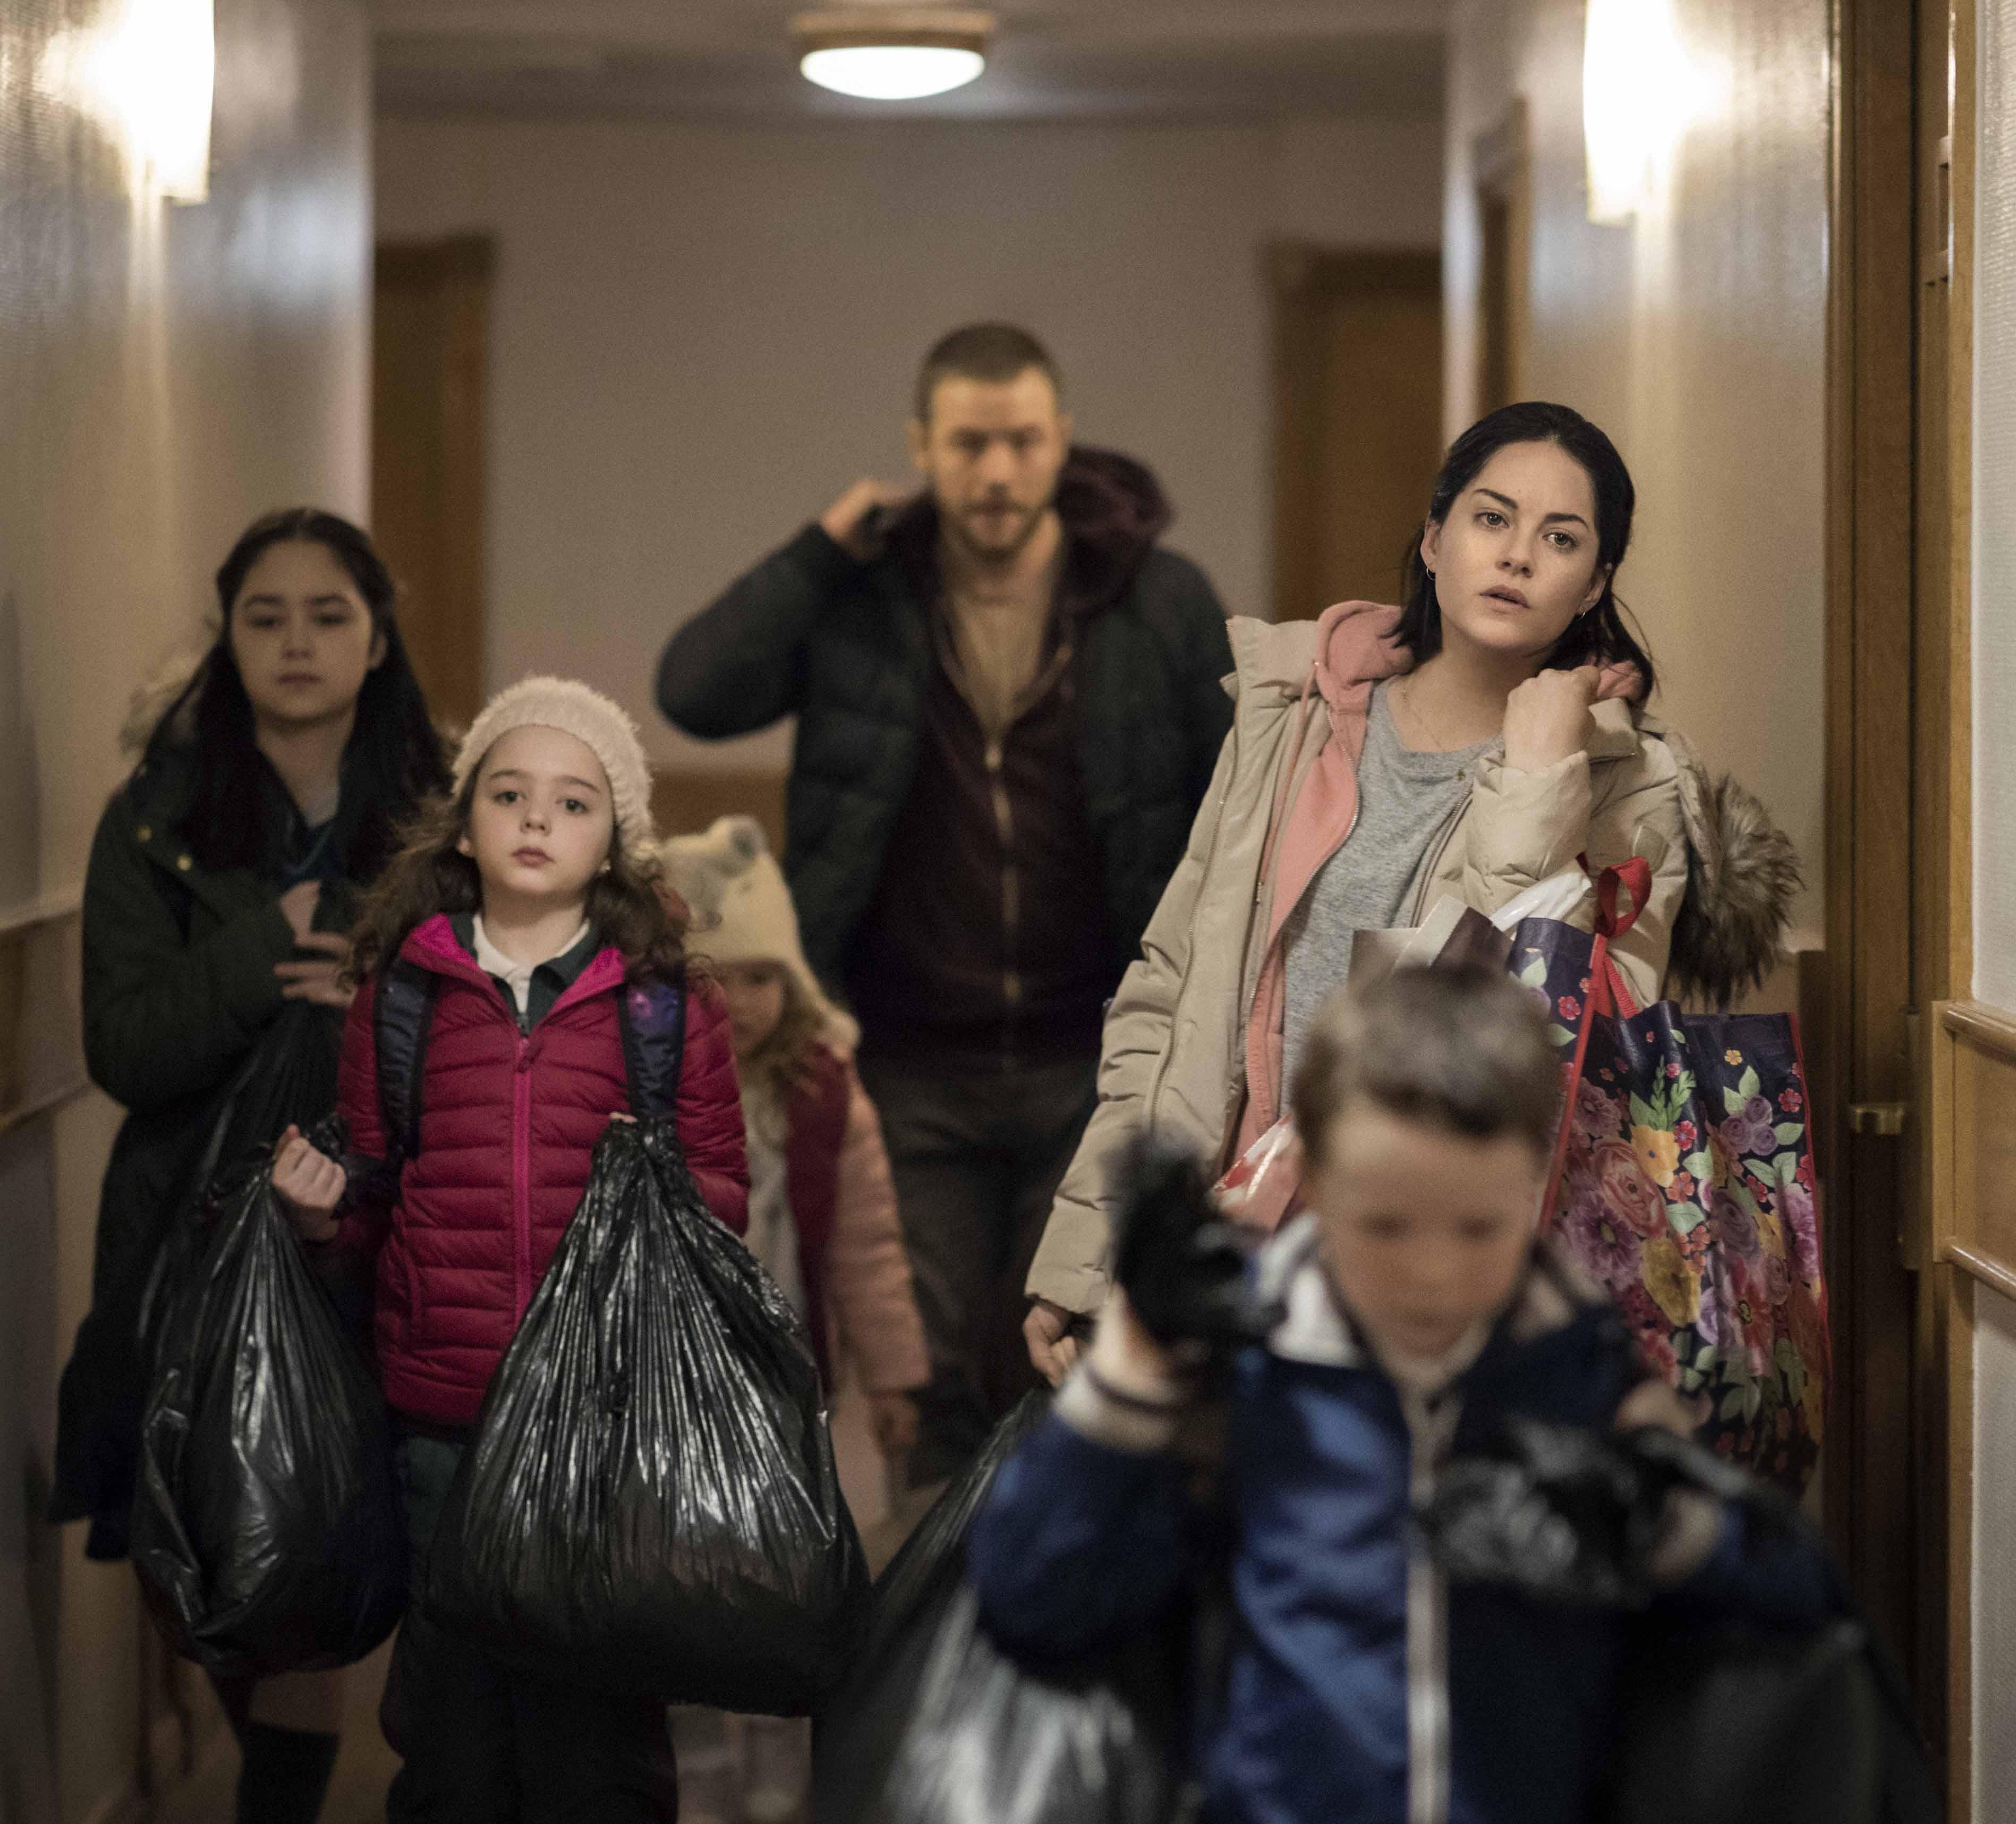 電影結合多起真人真事,直指愛爾蘭居住正義問題